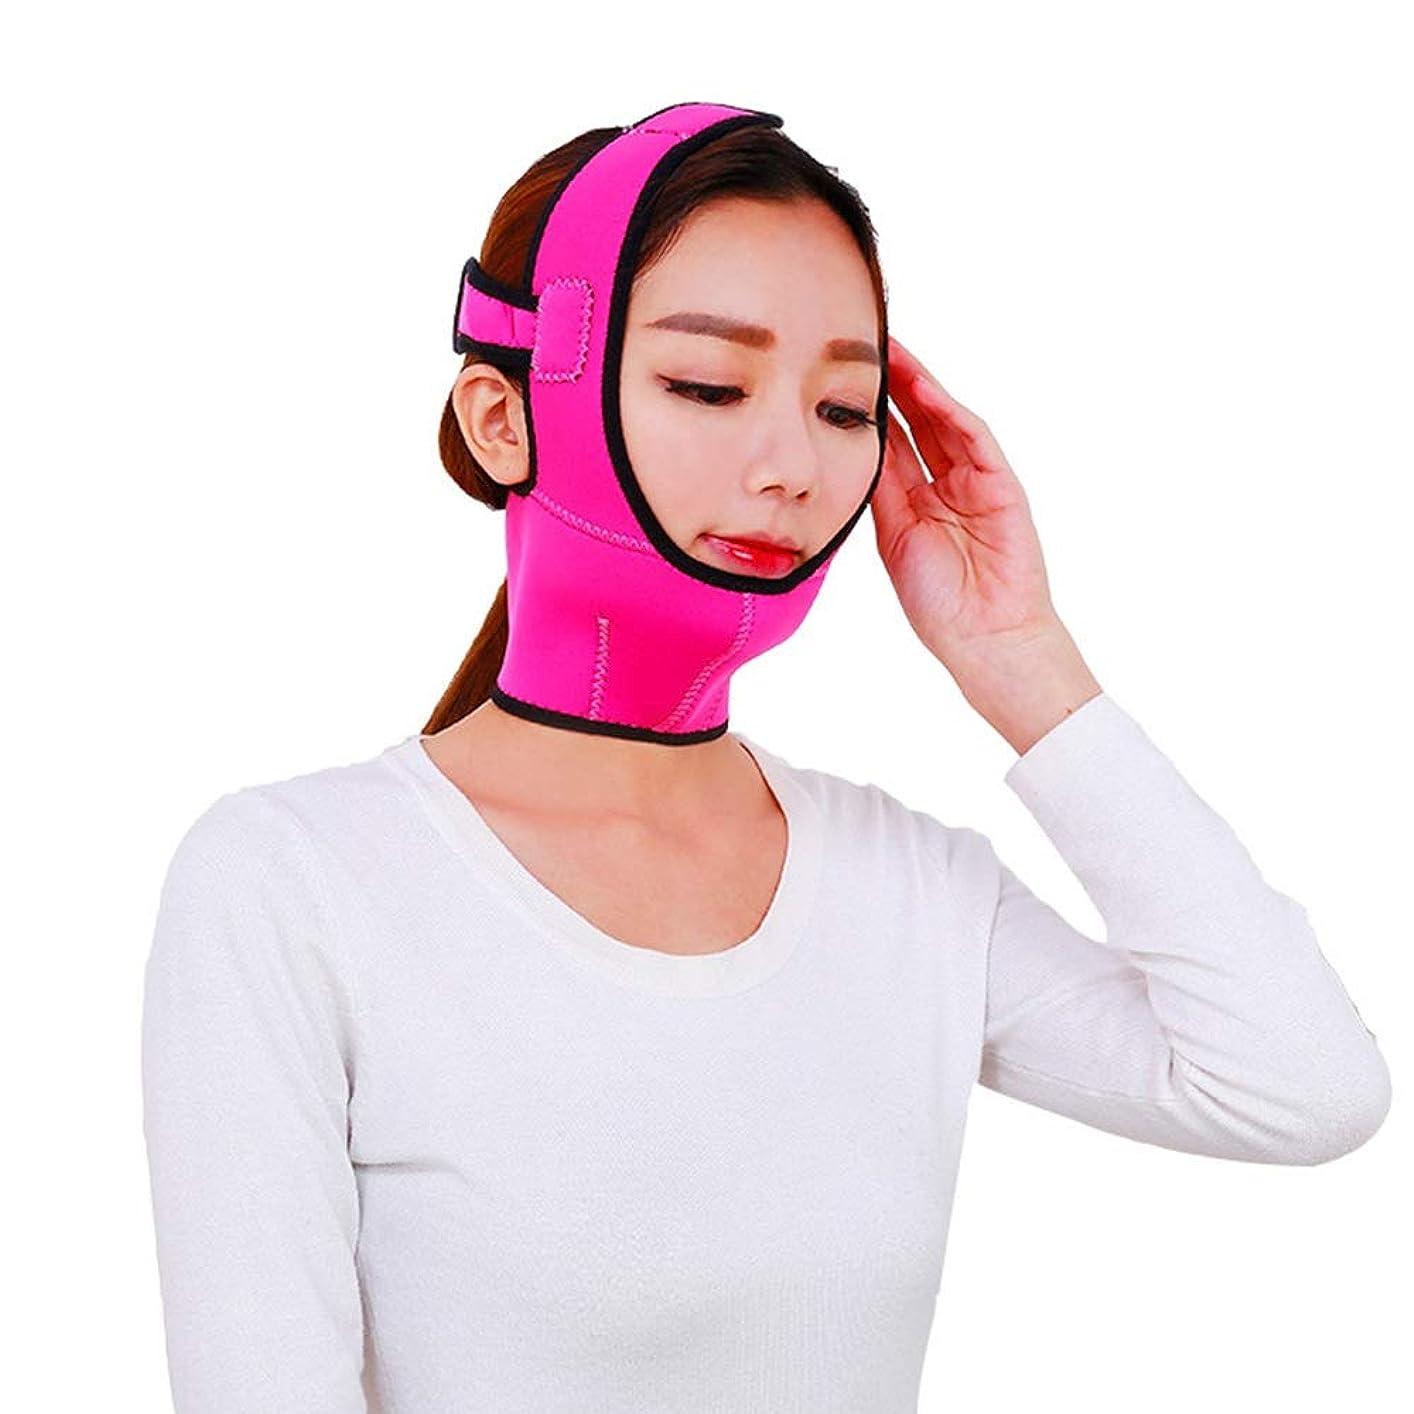 追い払う早める対応するJia Jia- フェイシャルリフティング痩身ベルト - 薄いフェイス包帯フェイスマスクベルトフリーフェイシャルマッサージ整形マスクダブルチンワークアウト 顔面包帯